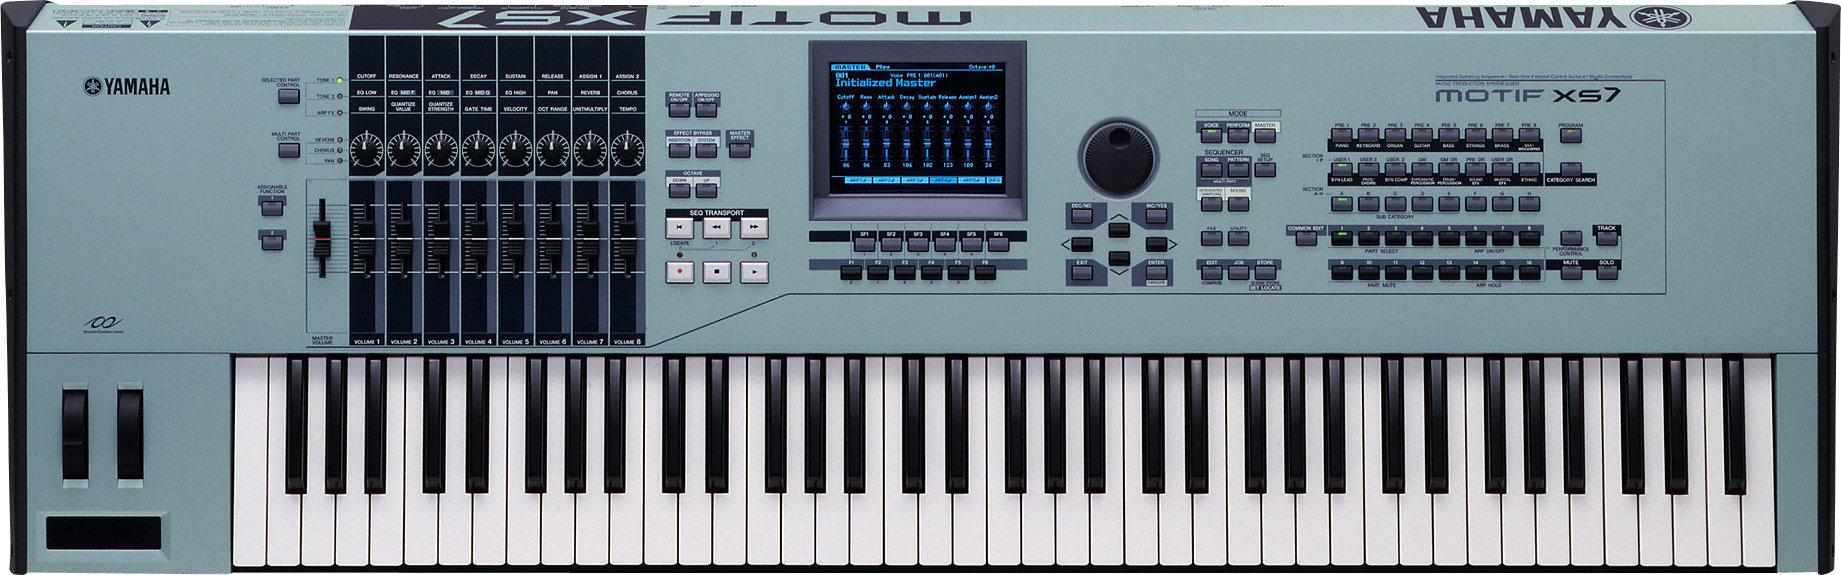 Yamaha - Motif - XS7